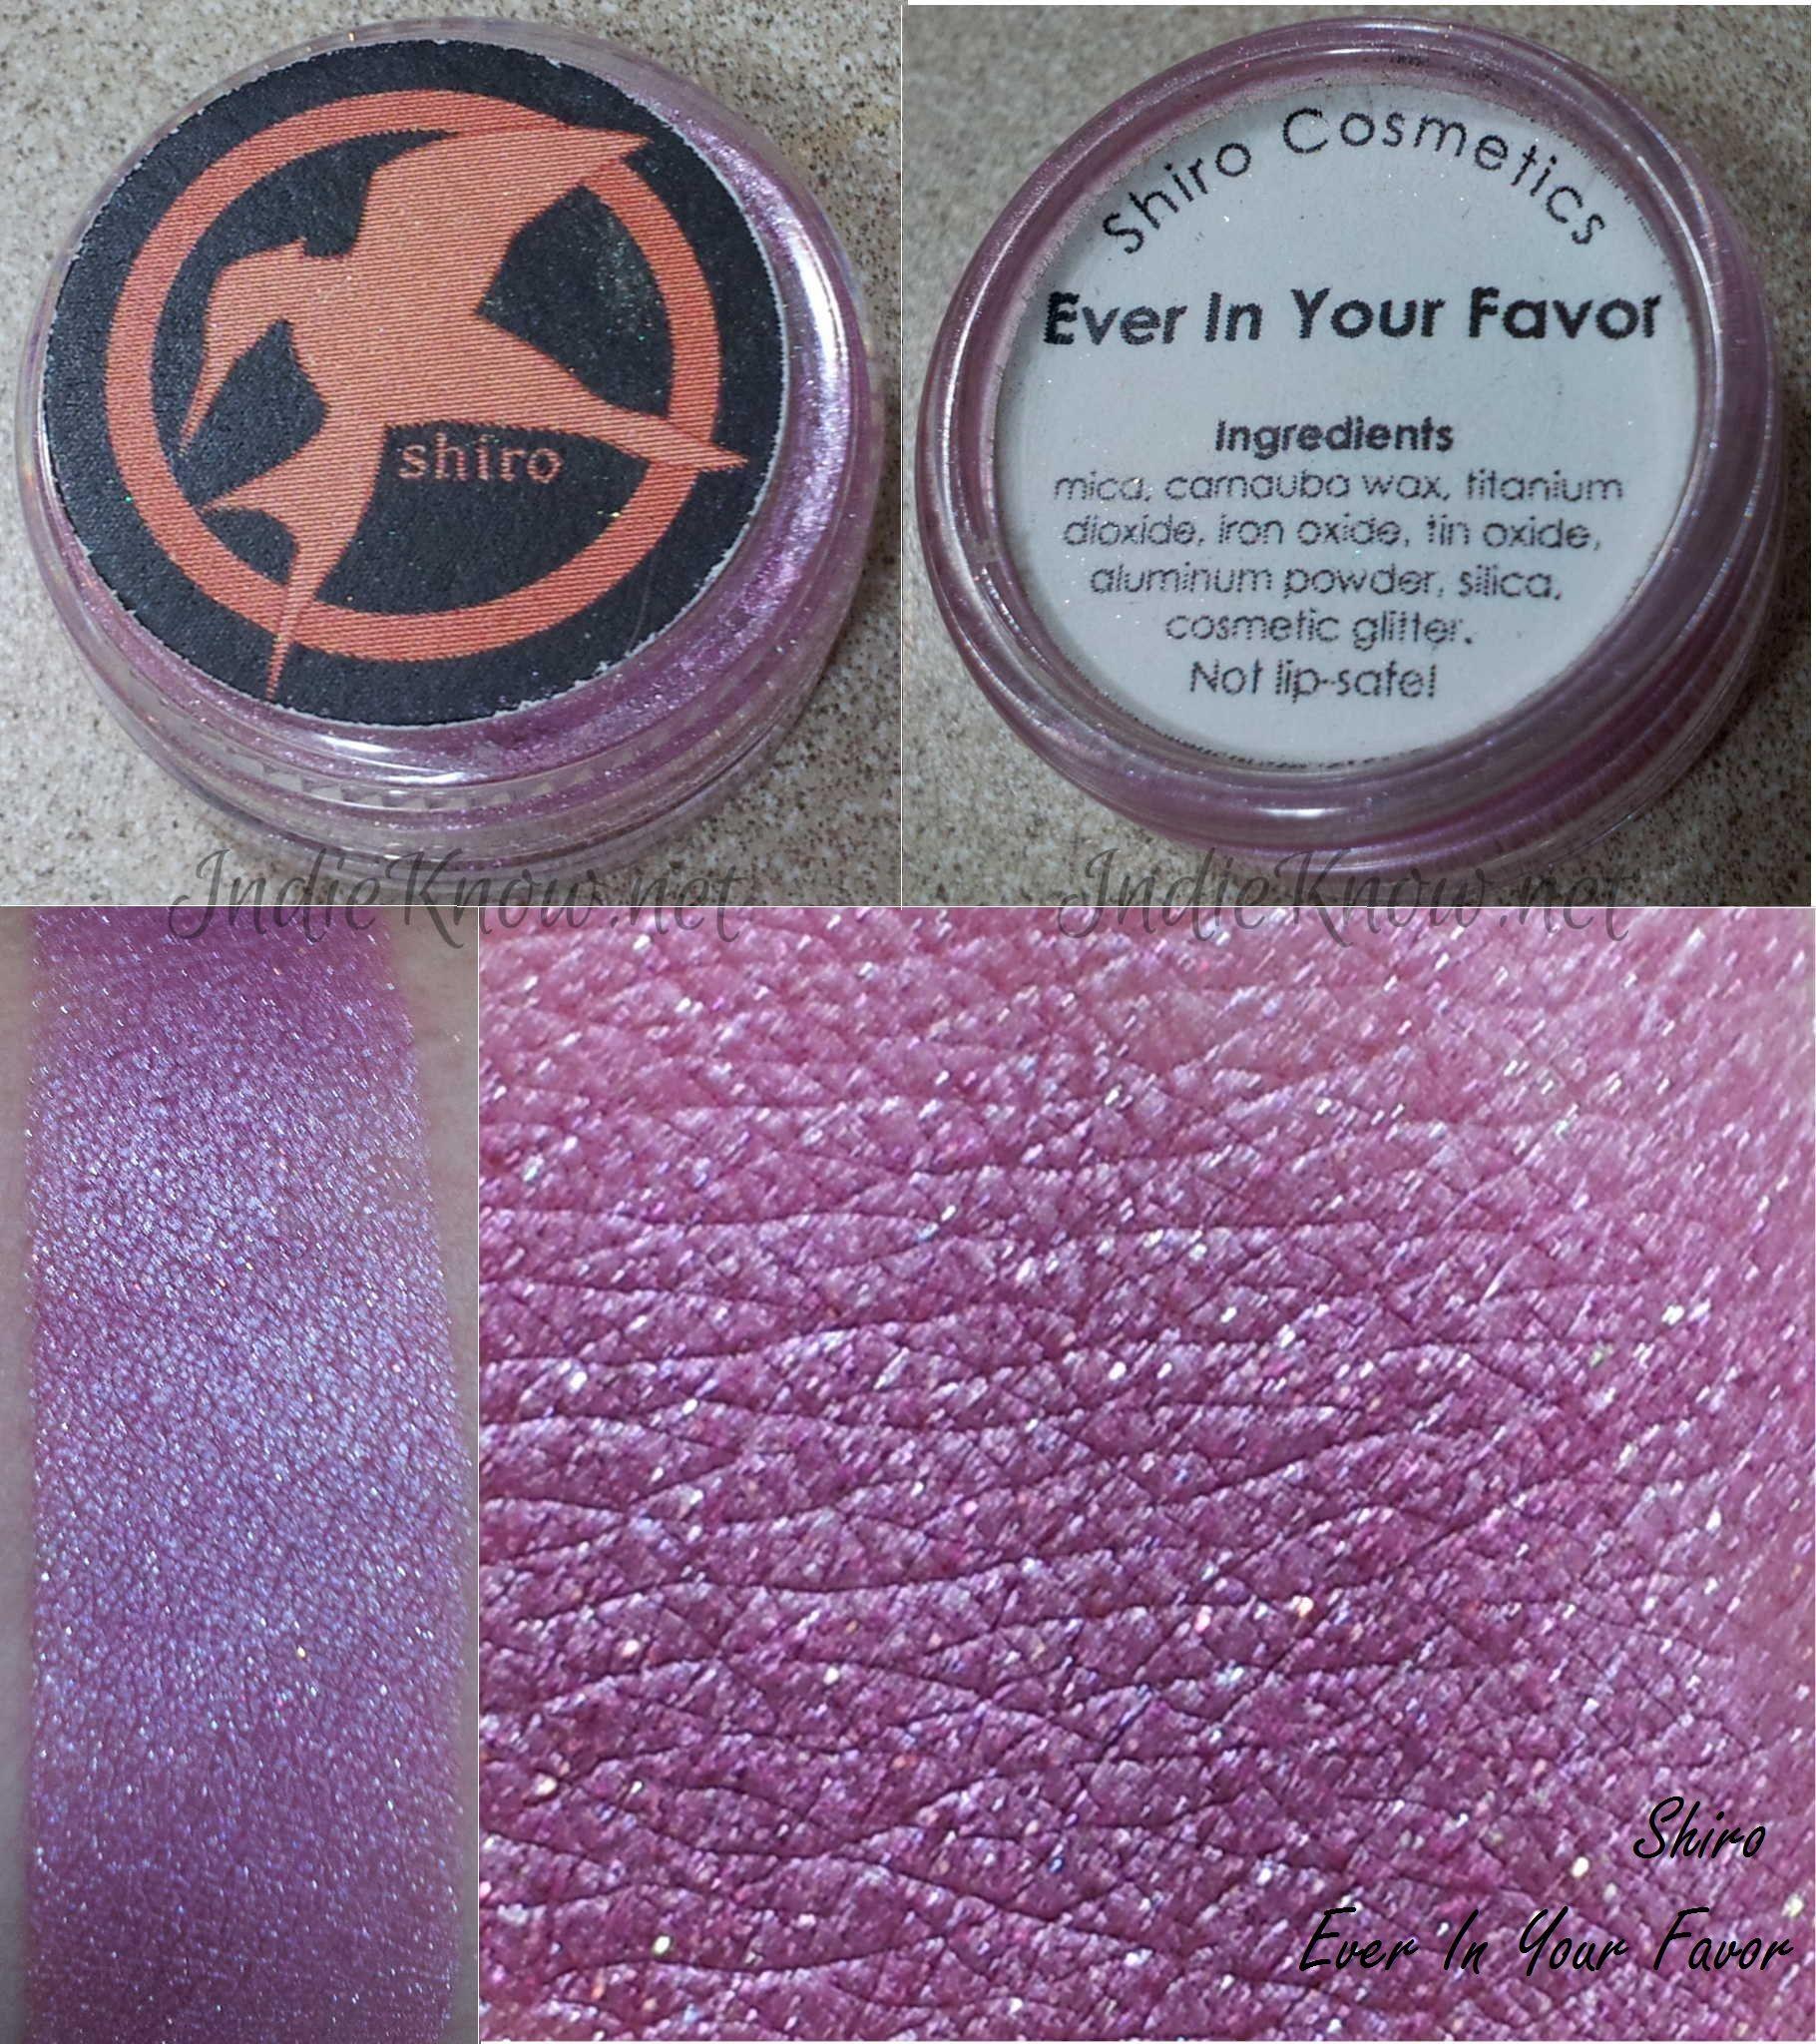 Shiro Eyeshadows Cosmetic glitter, Carnauba wax, Eyeshadow